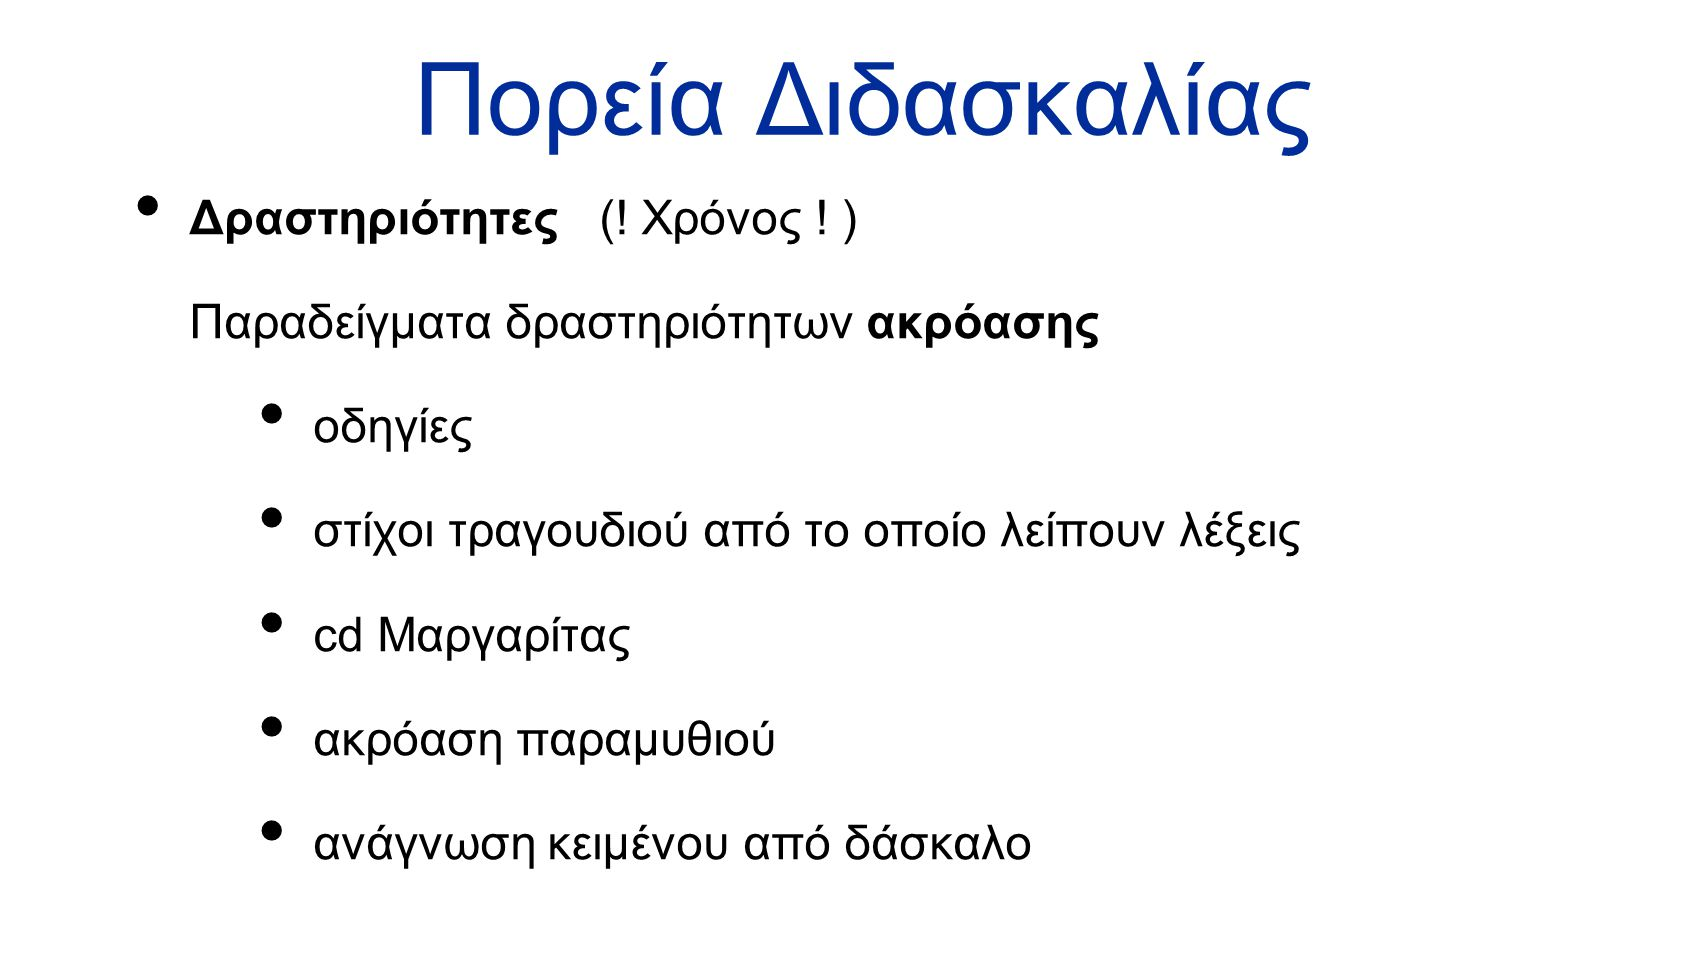 Πορεία Διδασκαλίας Δραστηριότητες (! Χρόνος ! ) Παραδείγματα δραστηριότητων ακρόασης οδηγίες στίχοι τραγουδιού από το οποίο λείπουν λέξεις cd Μαργαρίτ